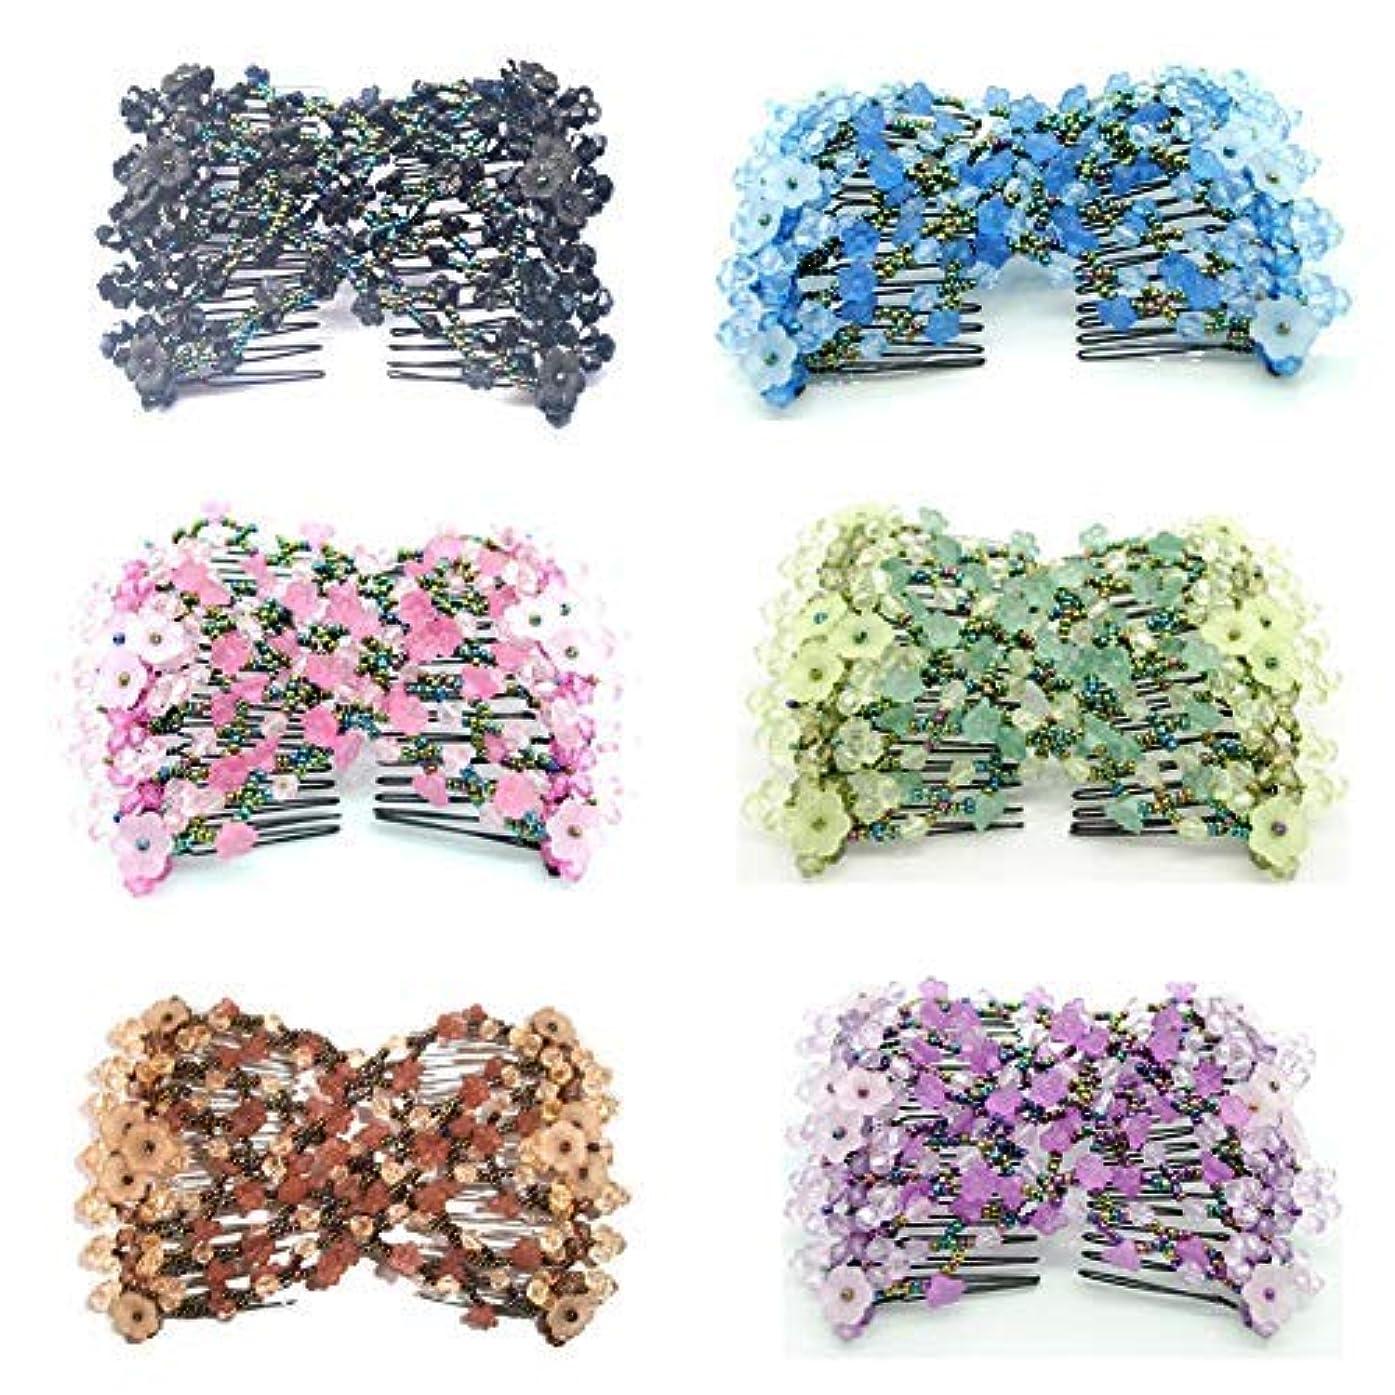 容器適度なもっともらしいCasualfashion 6Pcs Magic Ez Combs for Women Hair Bun Maker Accessories, Elastic Beaded Double Hair Clips Combs...